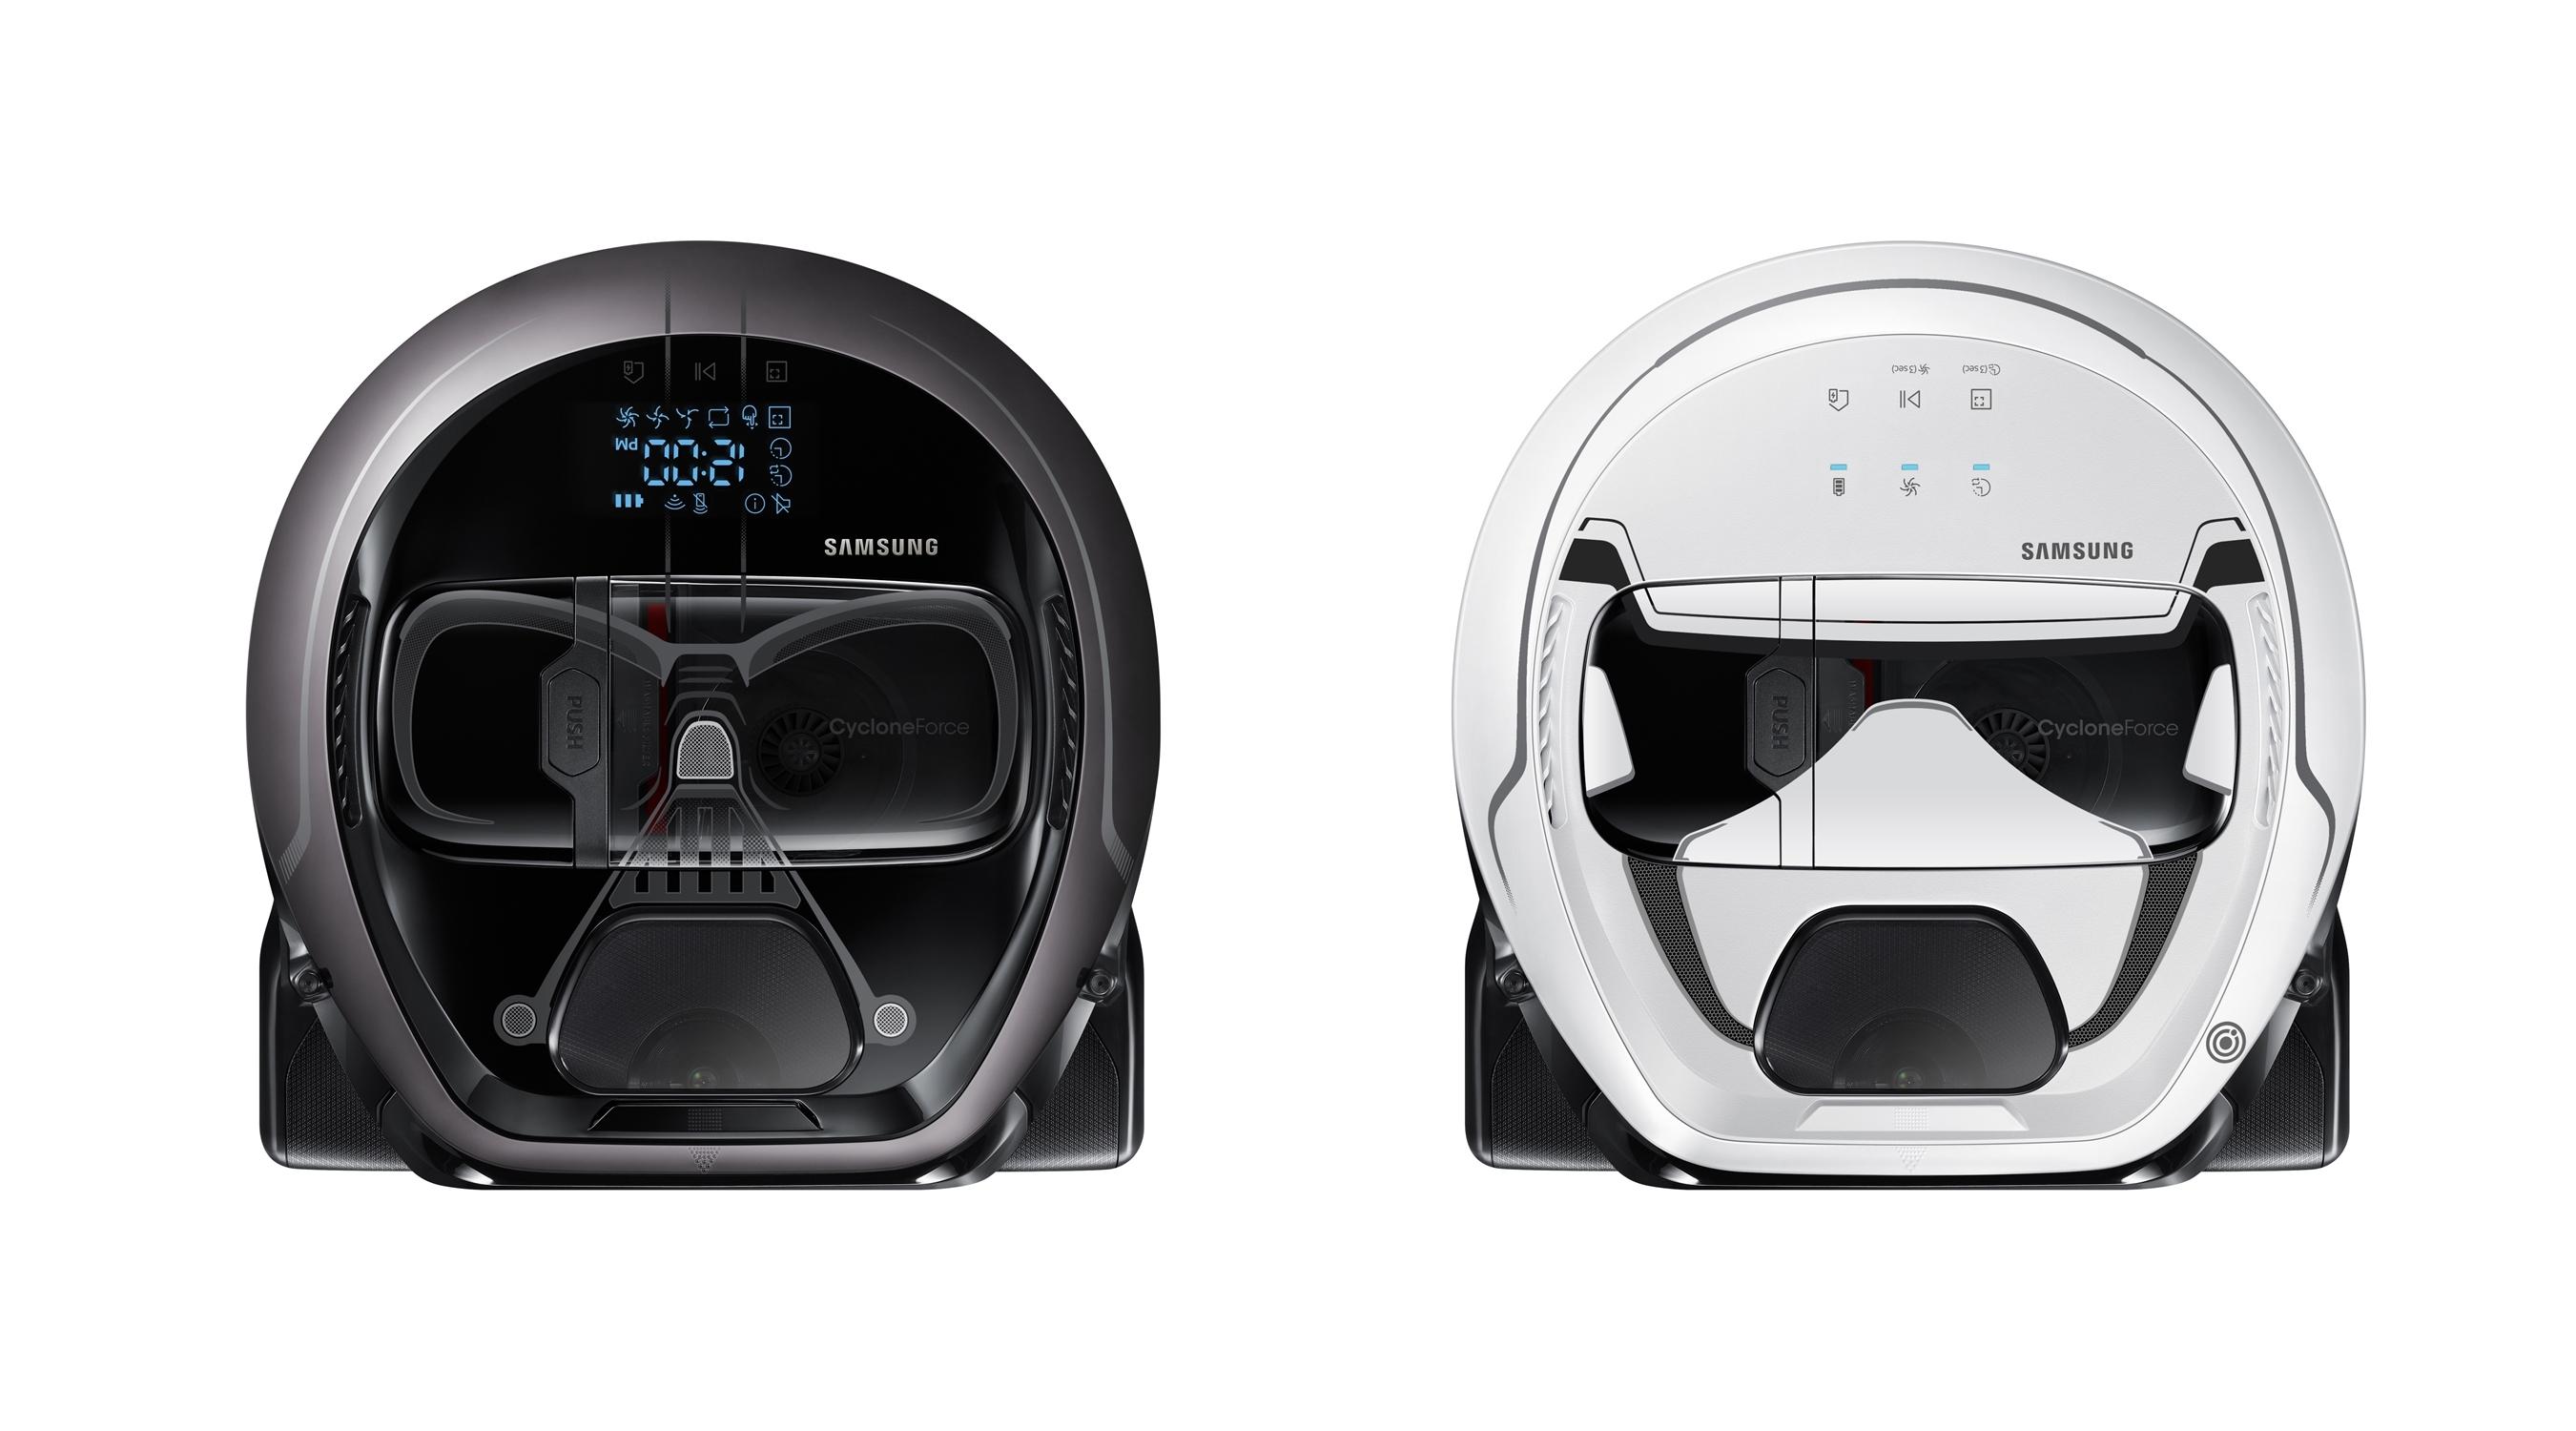 Samsung ha lanzado un robot aspirador inspirado ¡en Darth Vader!